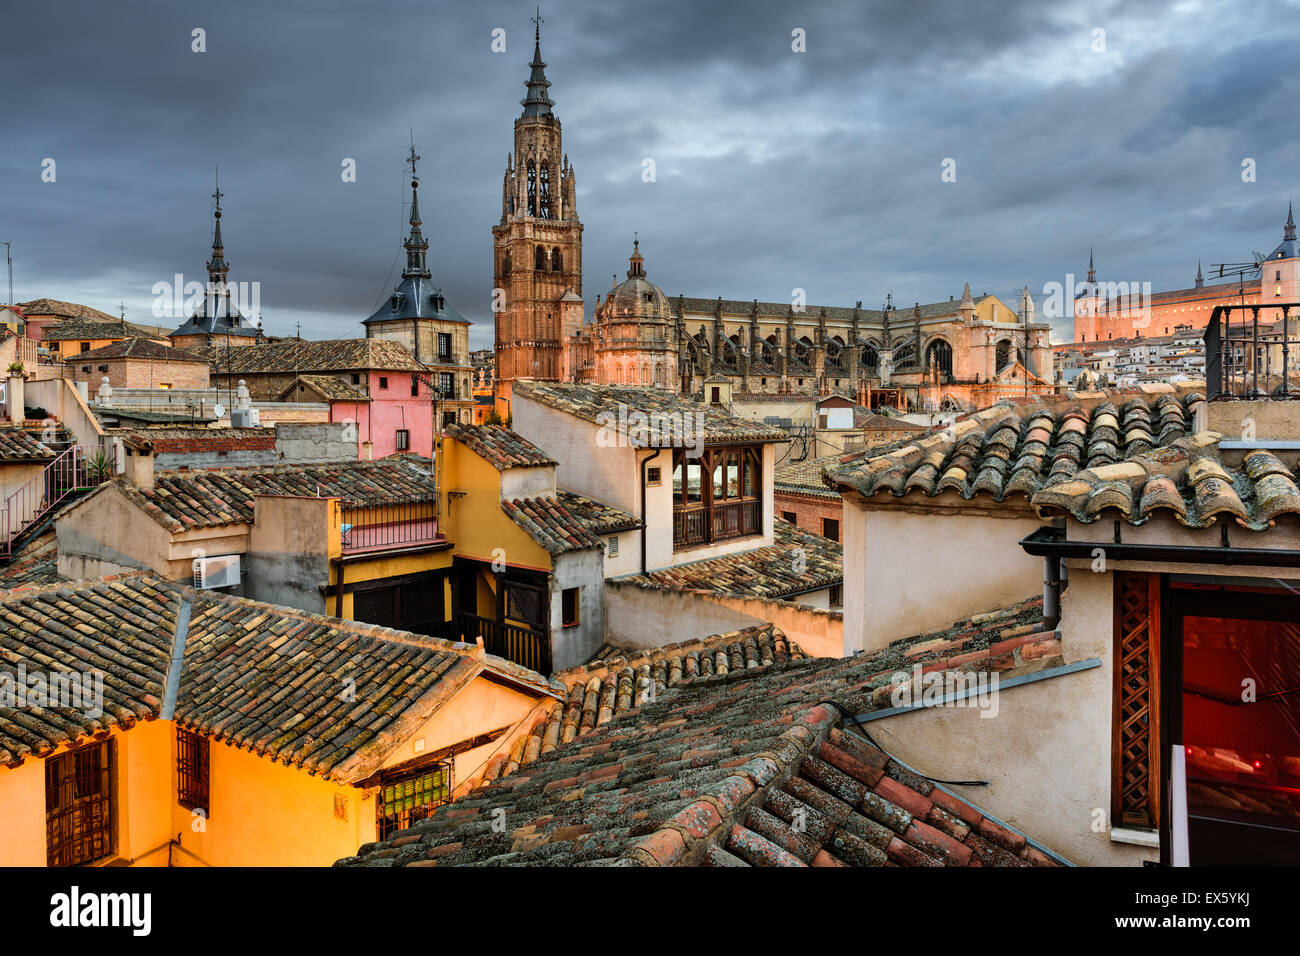 Toledo, España vista de la ciudad desde la azotea. Imagen De Stock